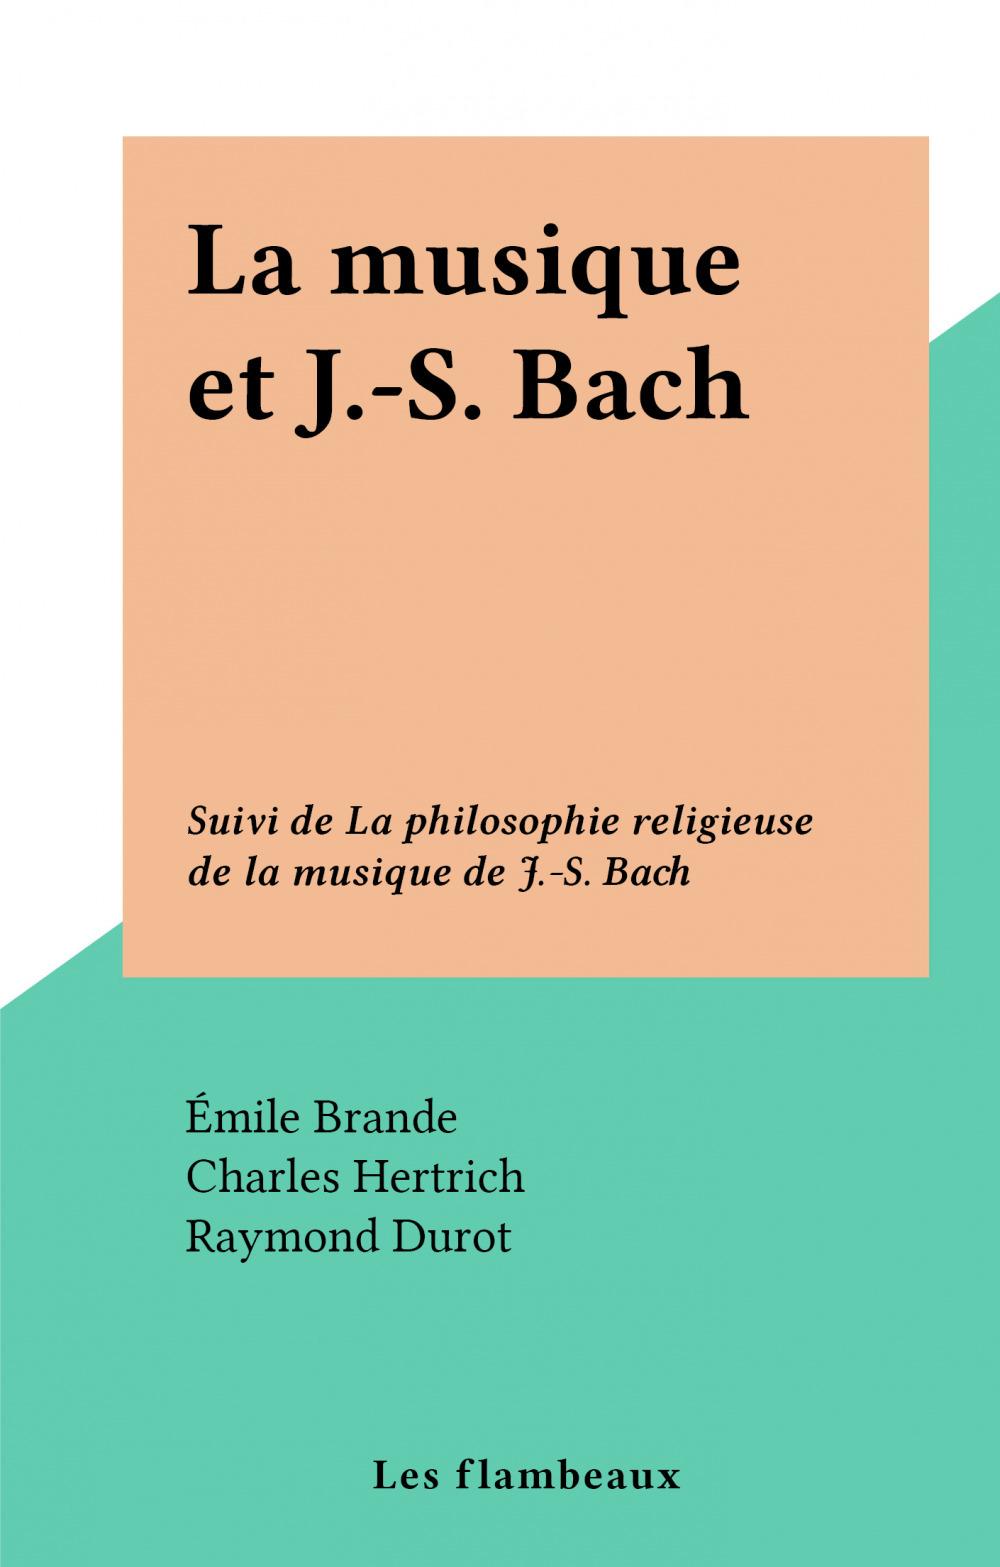 La musique et J.-S. Bach